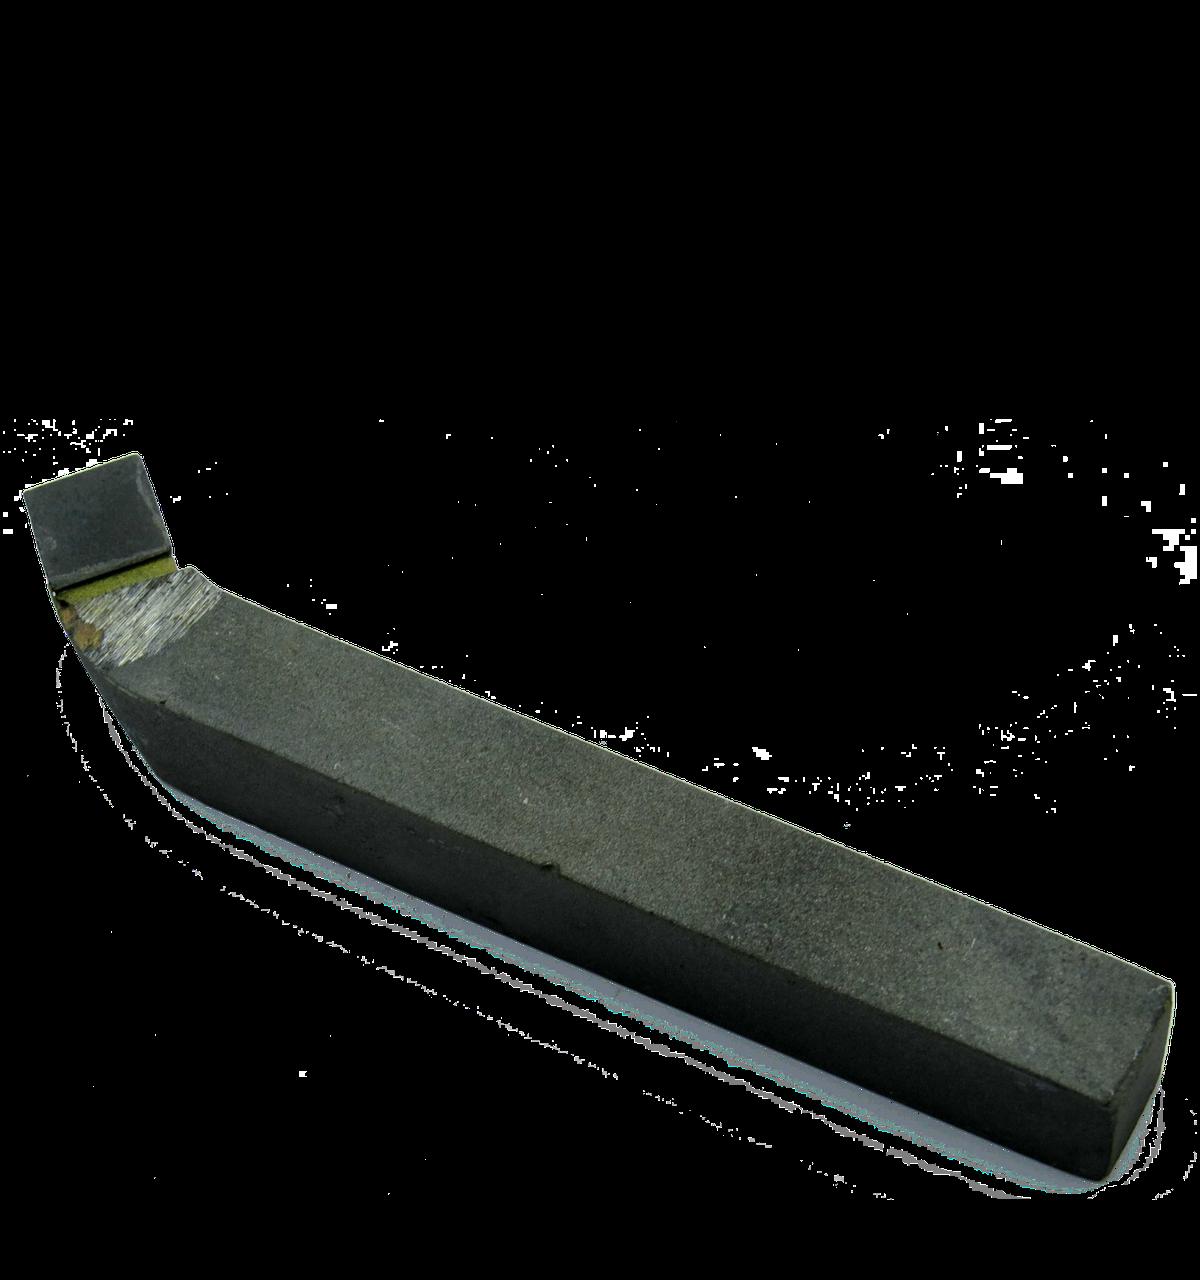 Резец токарный проходной отогнутый 25х16х140 (Т15К6) левый СИТО Беларусь